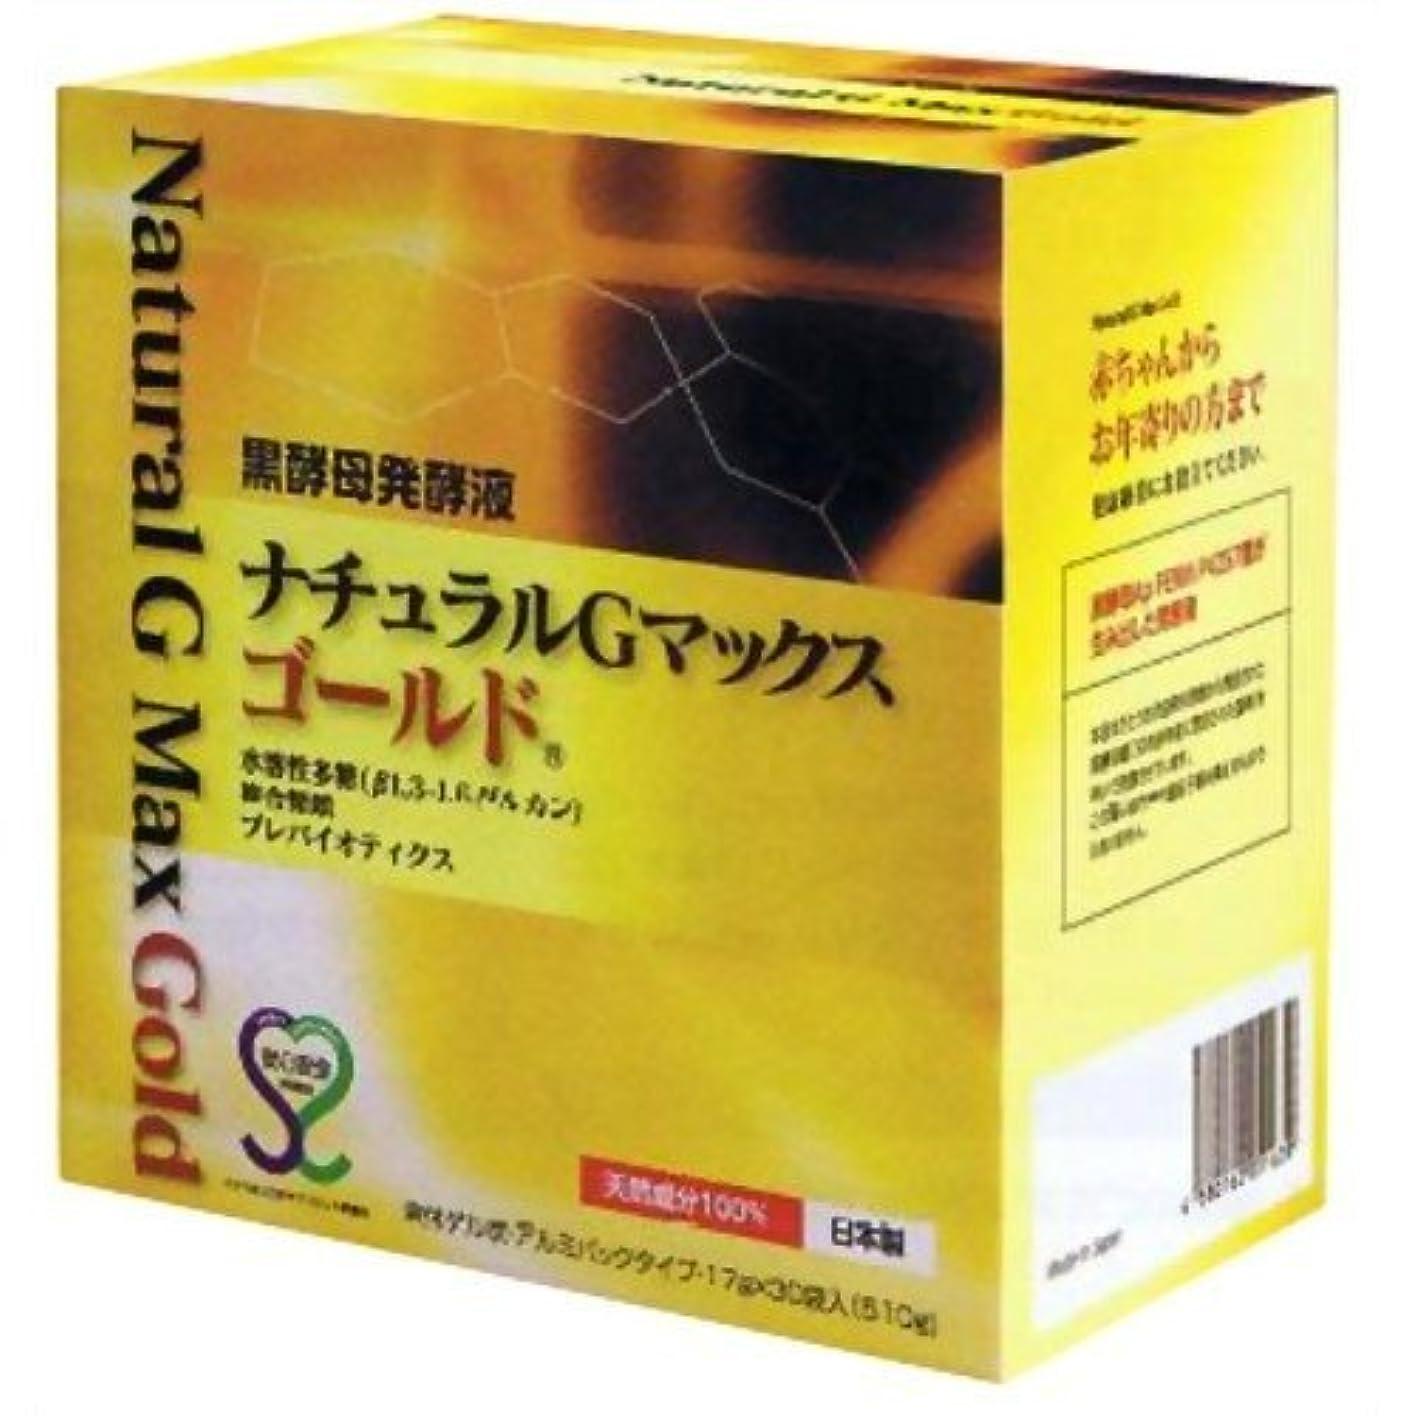 手を差し伸べる喪ラダ黒酵母発酵液 ナチュラルGマックスゴールド 17g×30袋